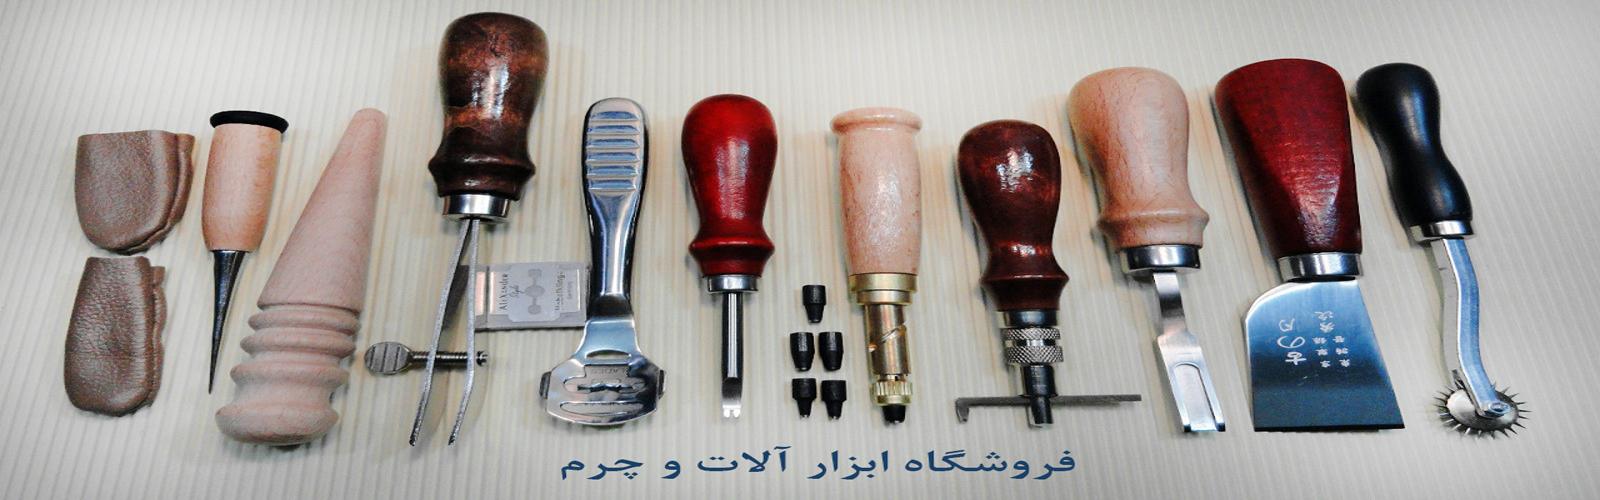 فروشگاه چرم - ابزار و یراق آلات چرمدوزی